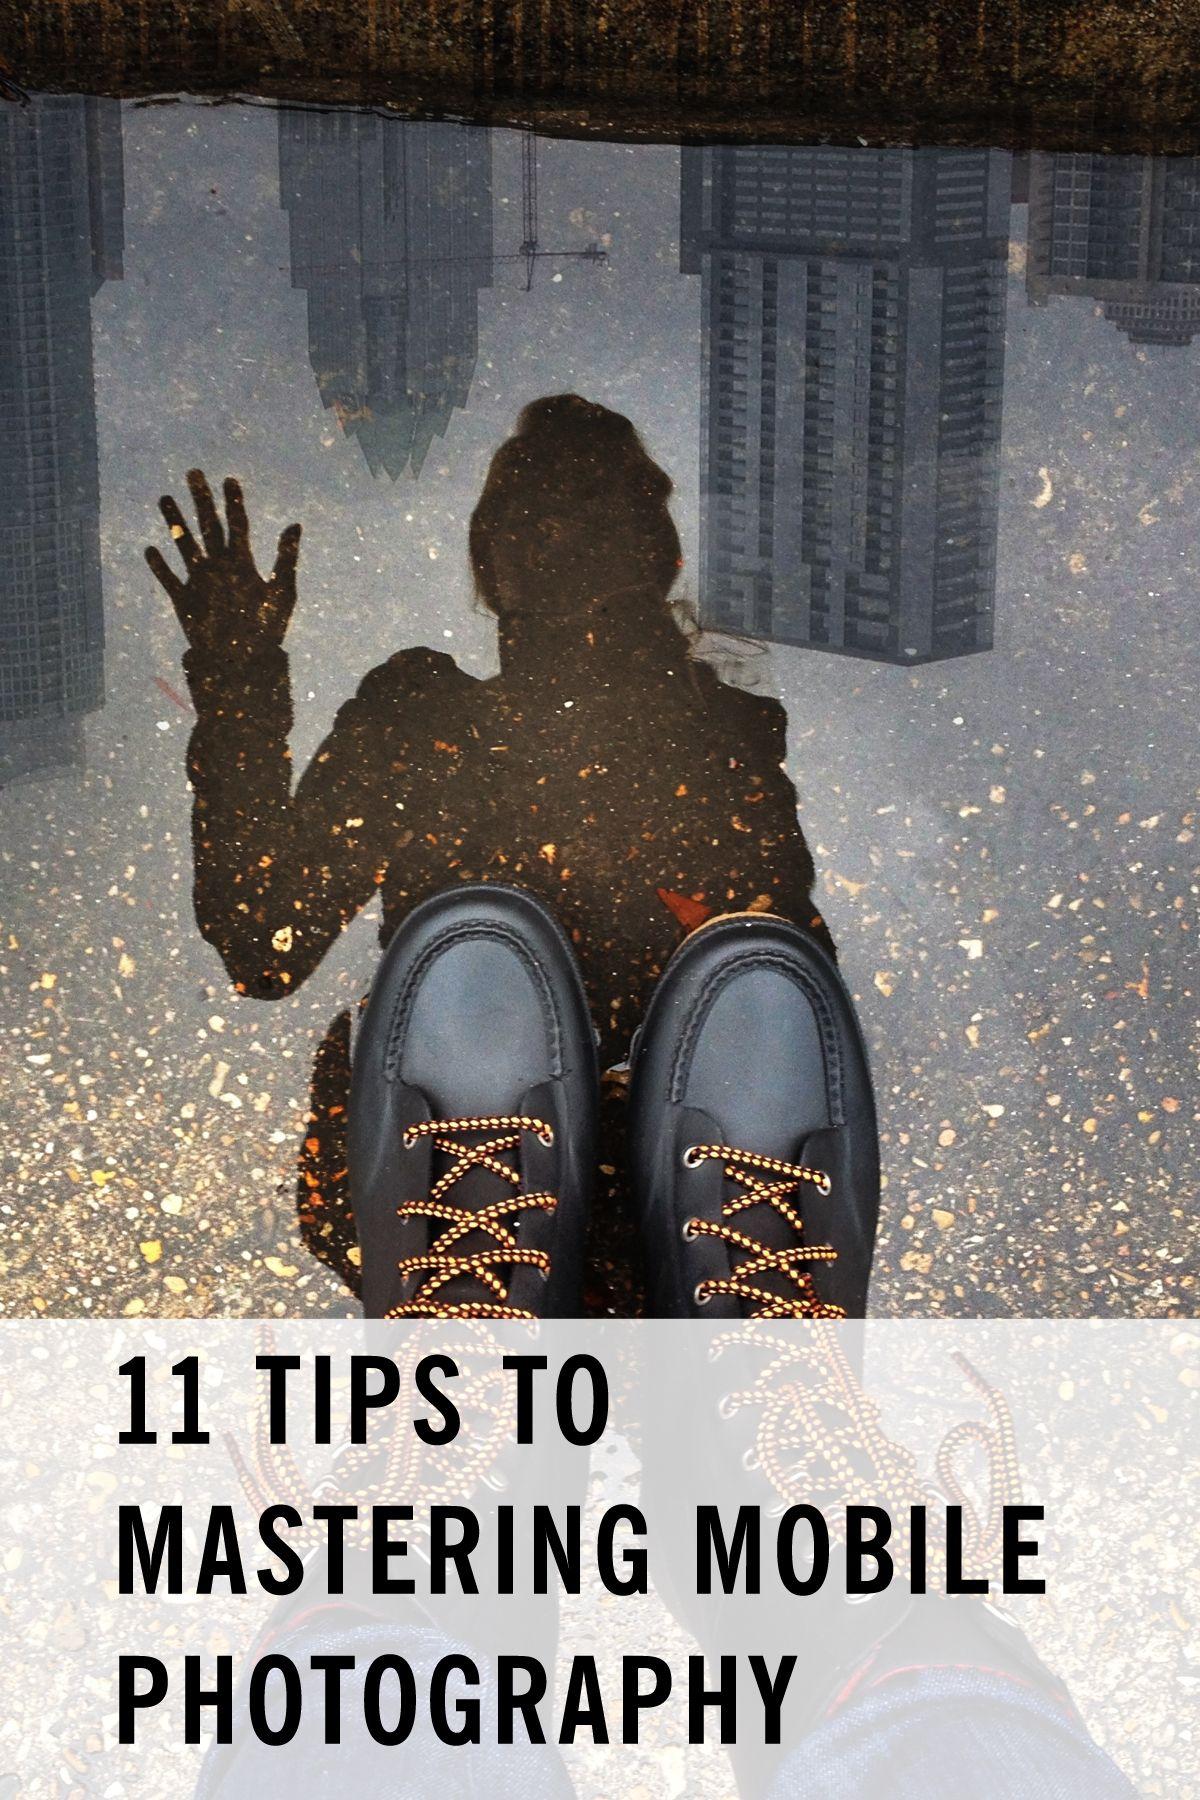 11 Tipps von den weltbesten Instagrammern für wahnsinnig gute Fotos | social media Fotografie Hacks für Dein Blog, Deine Webseite oder Deine Social Media Marketing |   The Ultimate Guide – 11 tips from the world's best Instagrammers. Learn to take amazing photos on your phone. // by Artifact Uprising